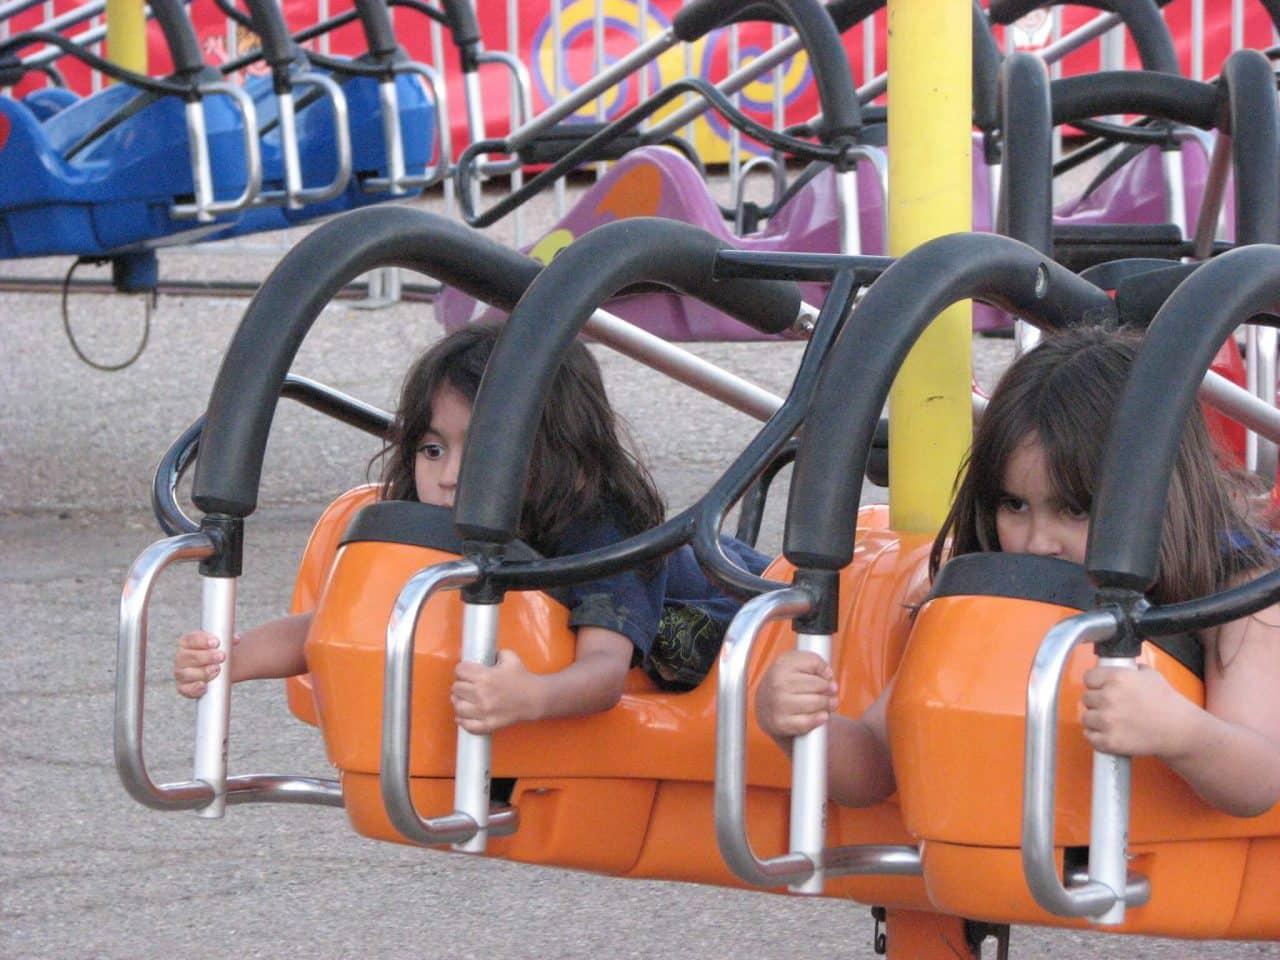 County Fair 2009